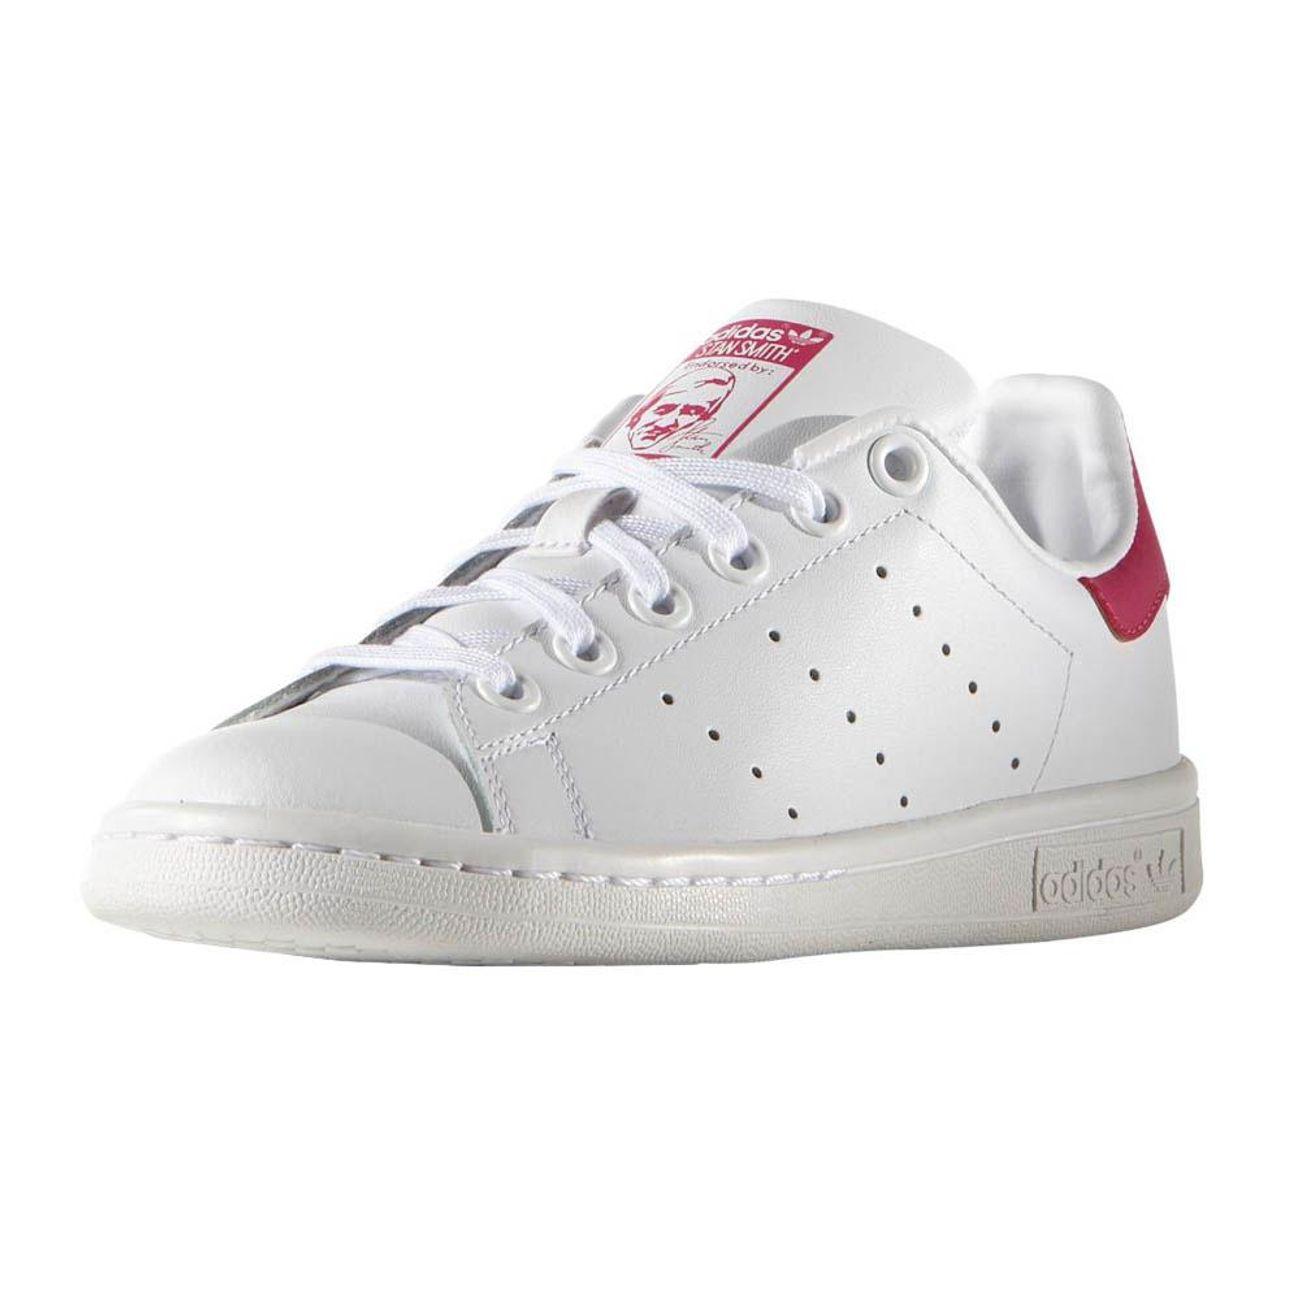 Mode- Lifestyle enfant ADIDAS Adidas Stan Smith